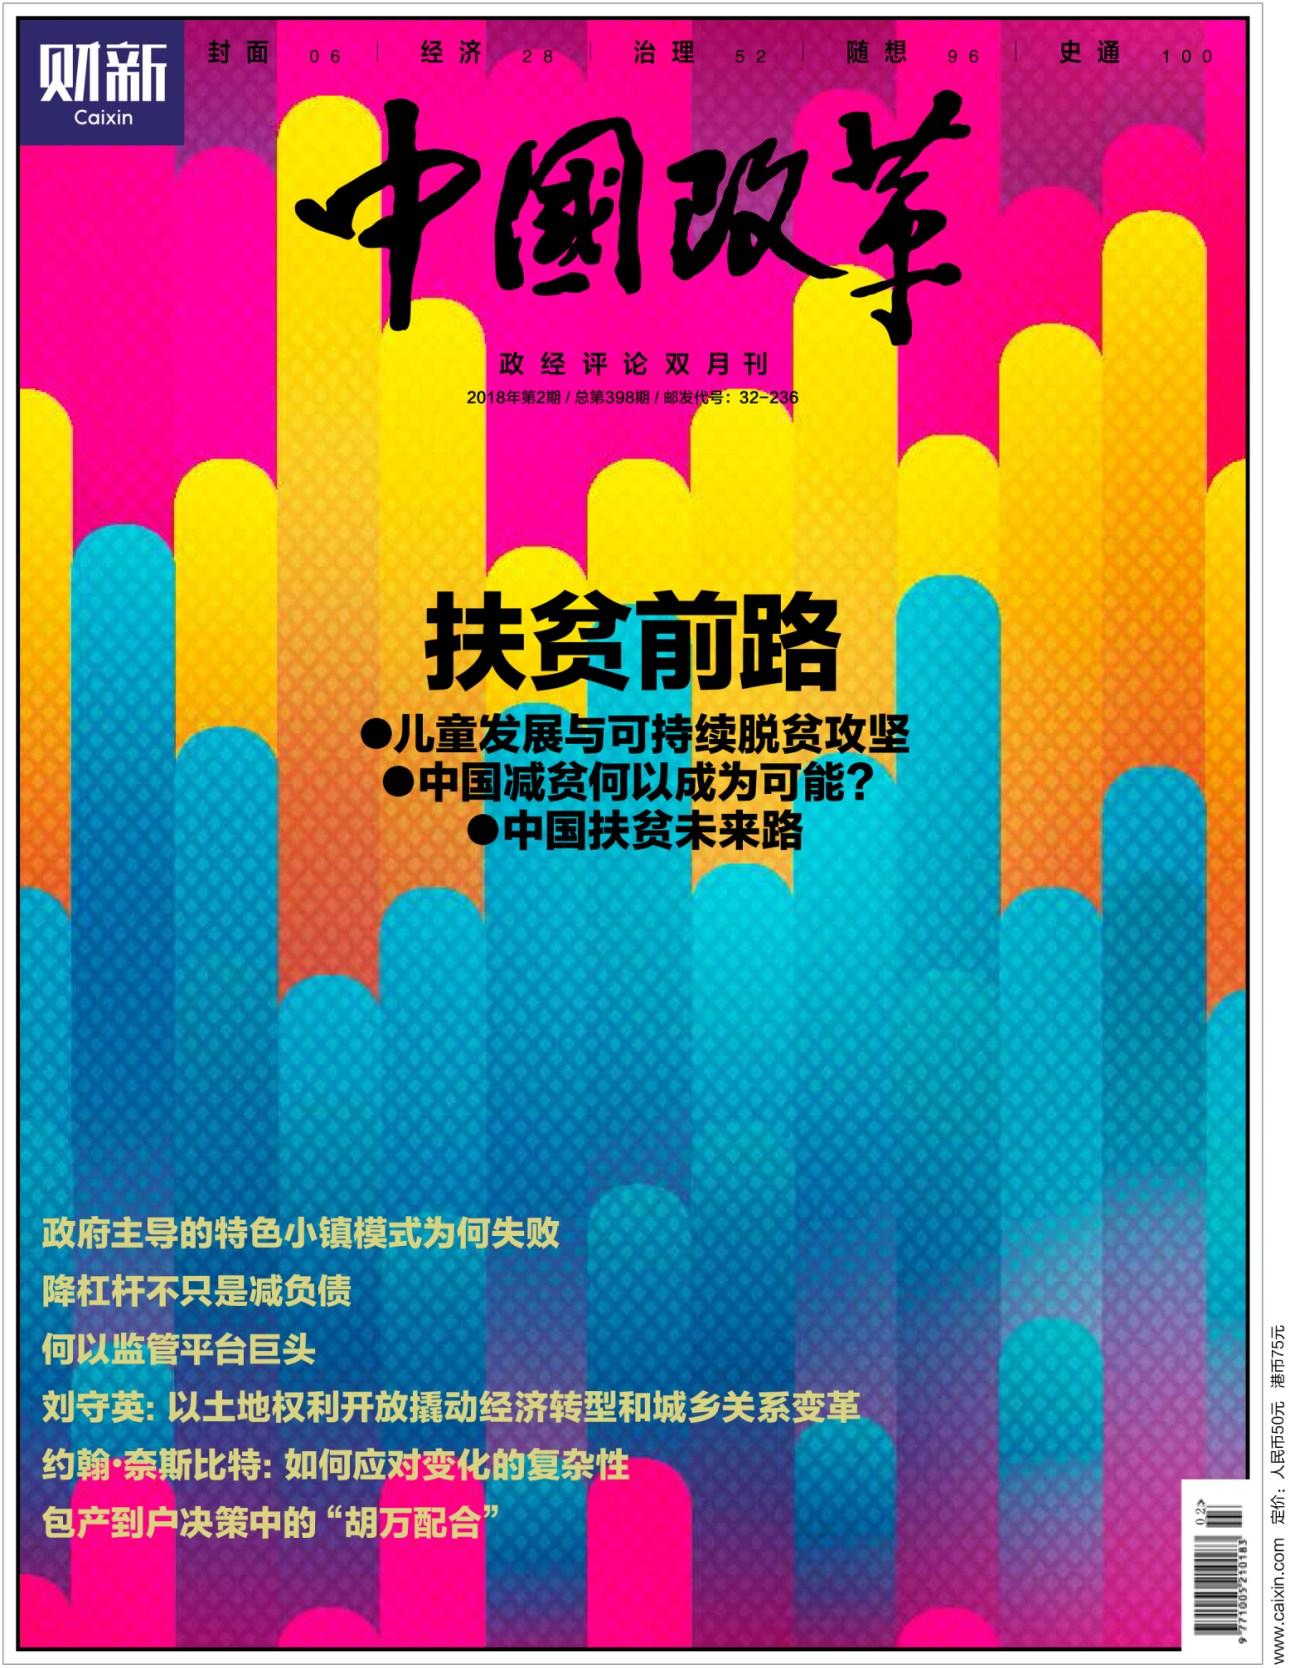 《中国改革》第398期